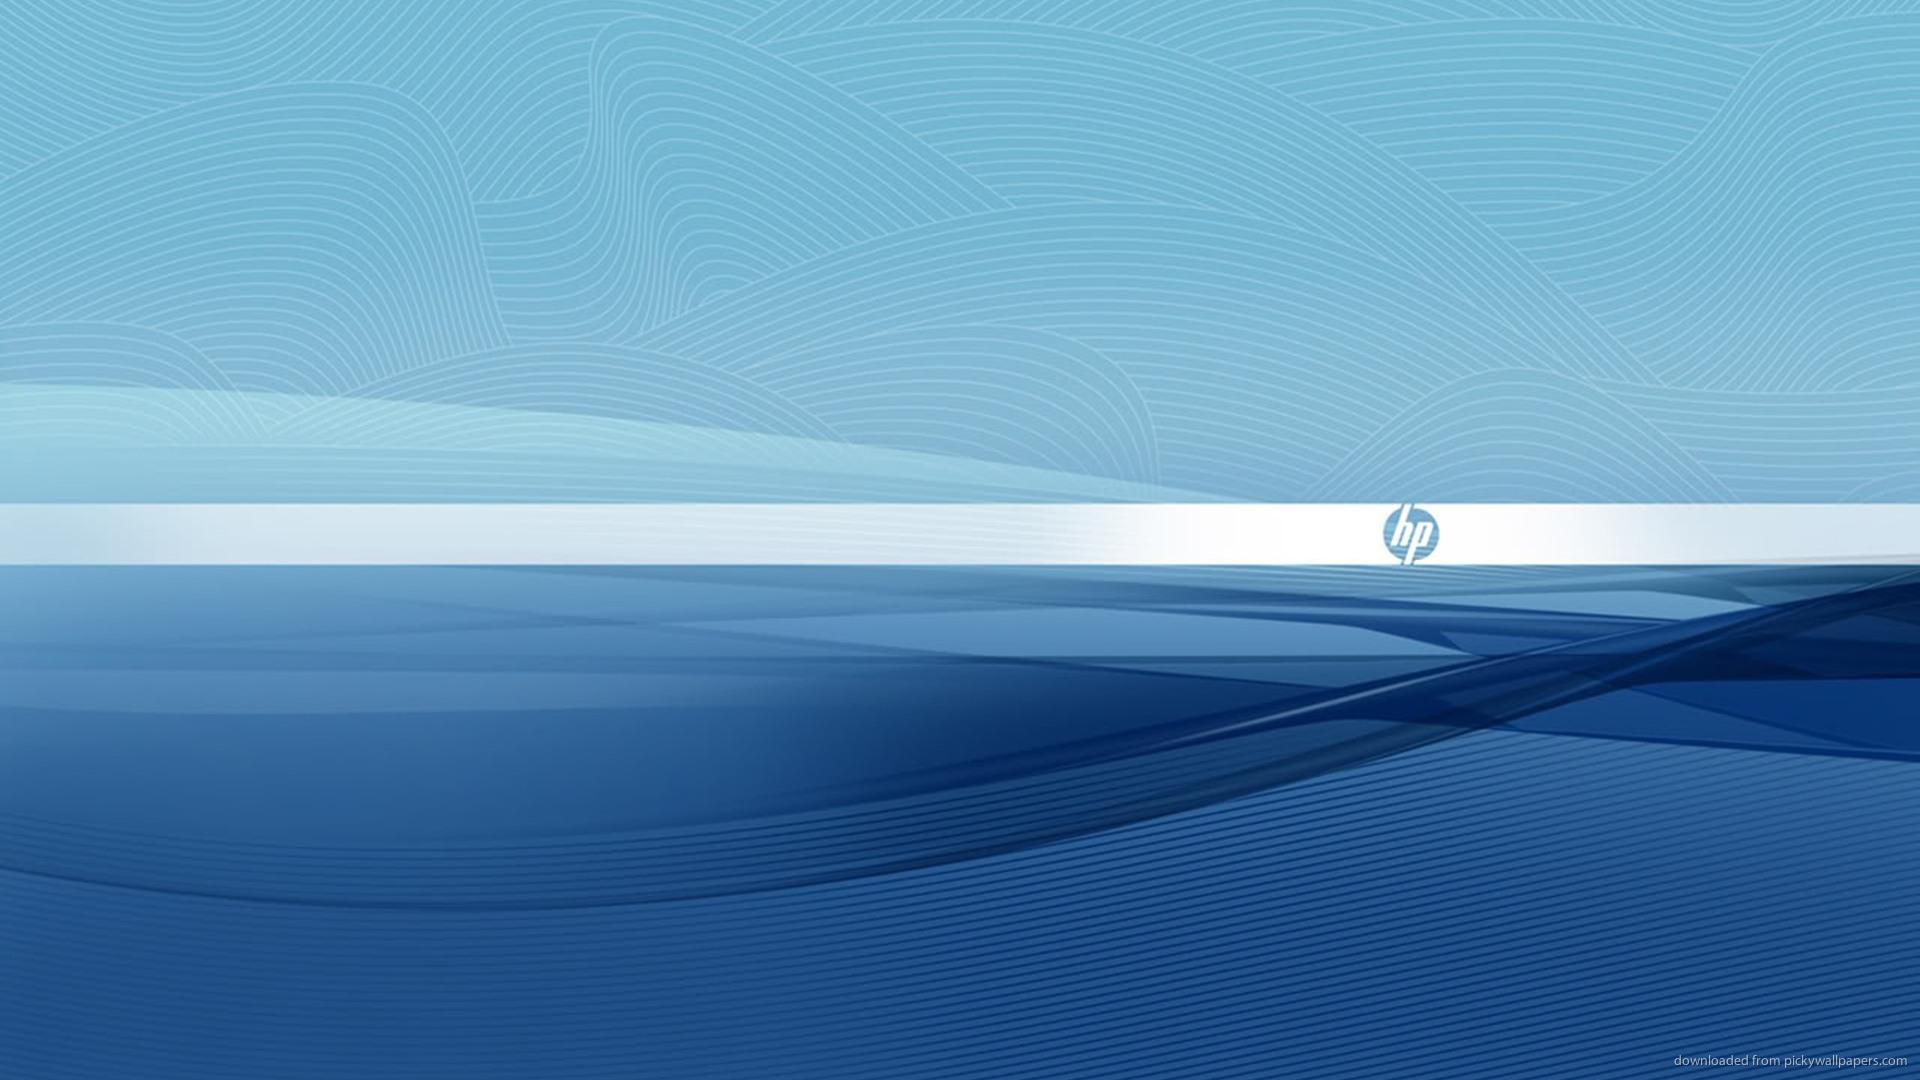 49+ HP Screensavers and Wallpaper on WallpaperSafari